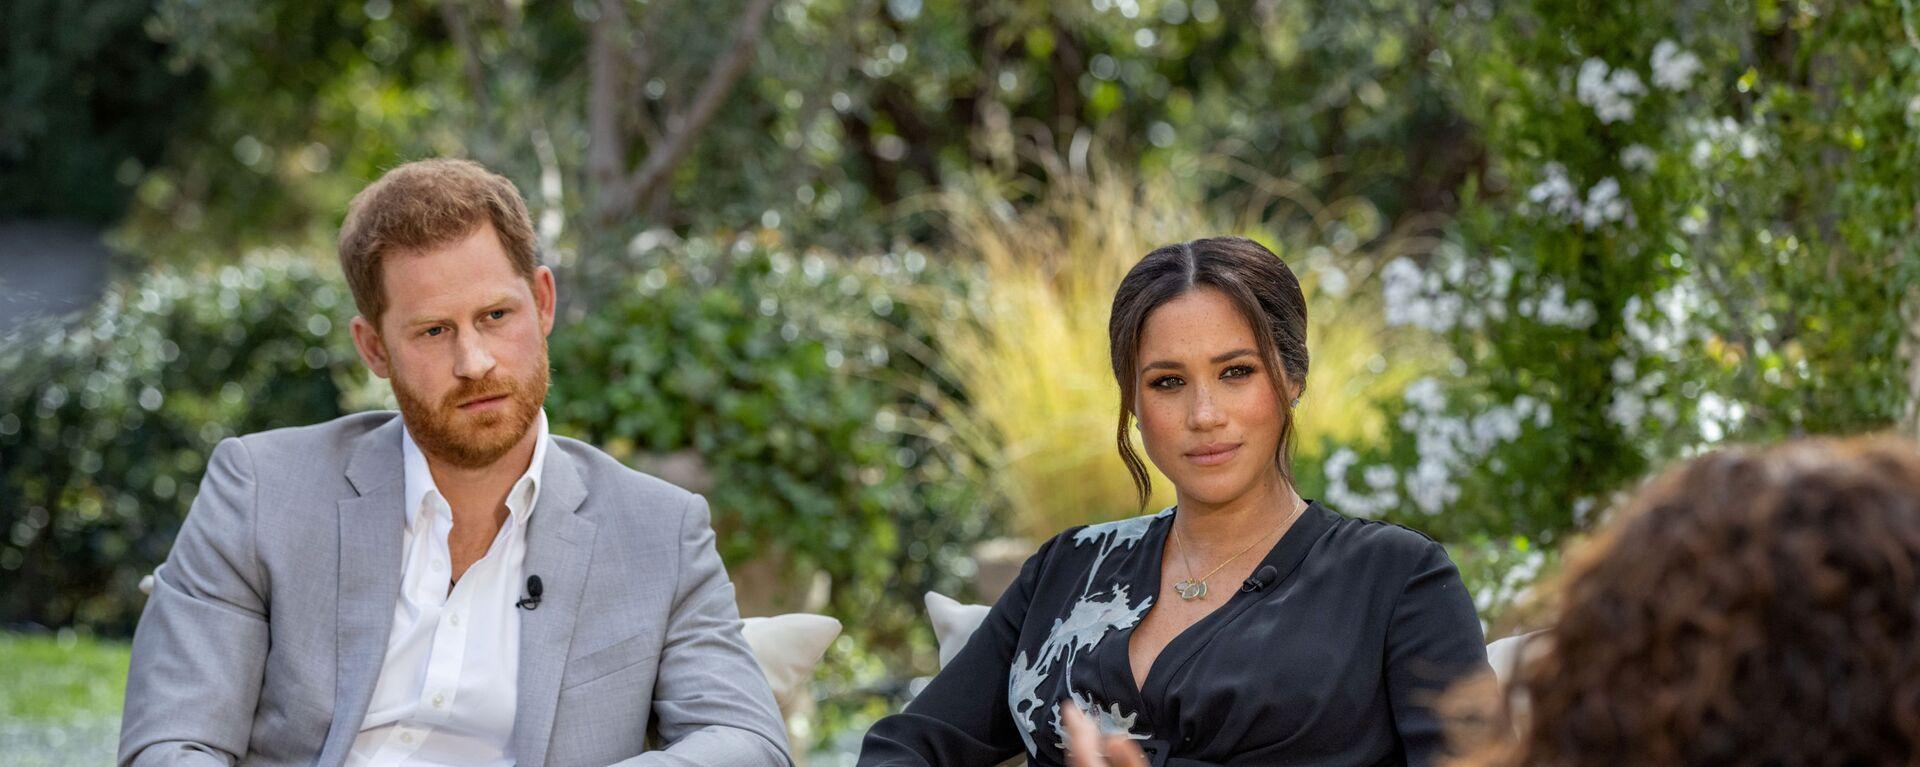 Hoàng tử Harry với vợ Meghan Markle trong cuộc phỏng vấn với Oprah Winfrey - Sputnik Việt Nam, 1920, 08.09.2021